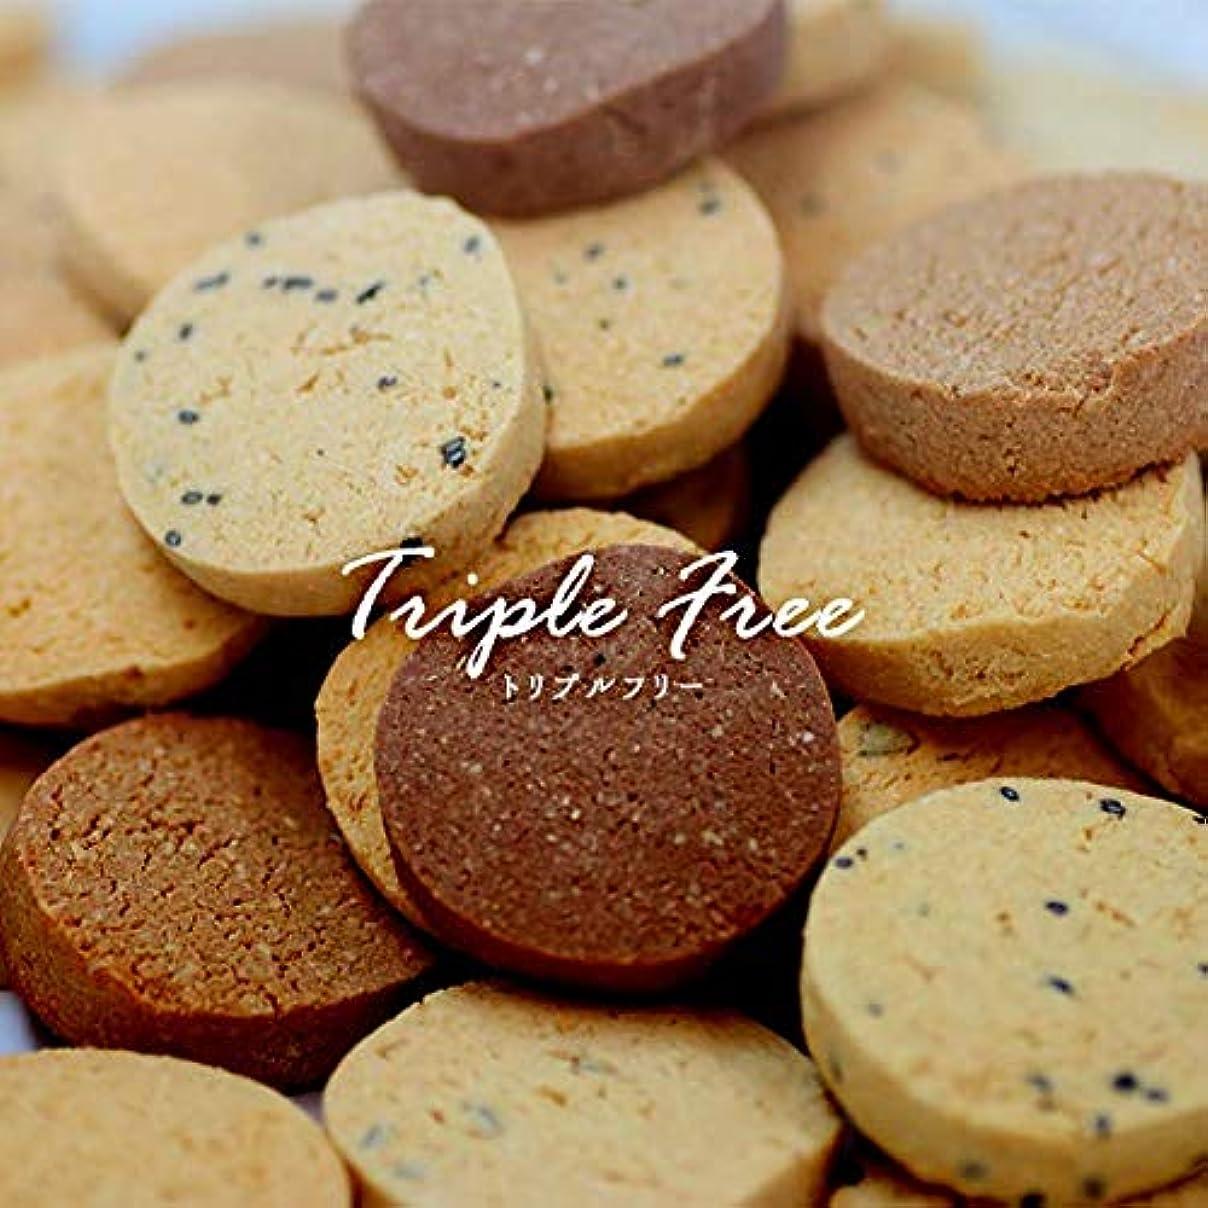 誇張いうストレッチ新感覚!大人気5種類!Triple Free 豆乳おからクッキー 1kg(個包装)小麦粉不使用のダイエットクッキー